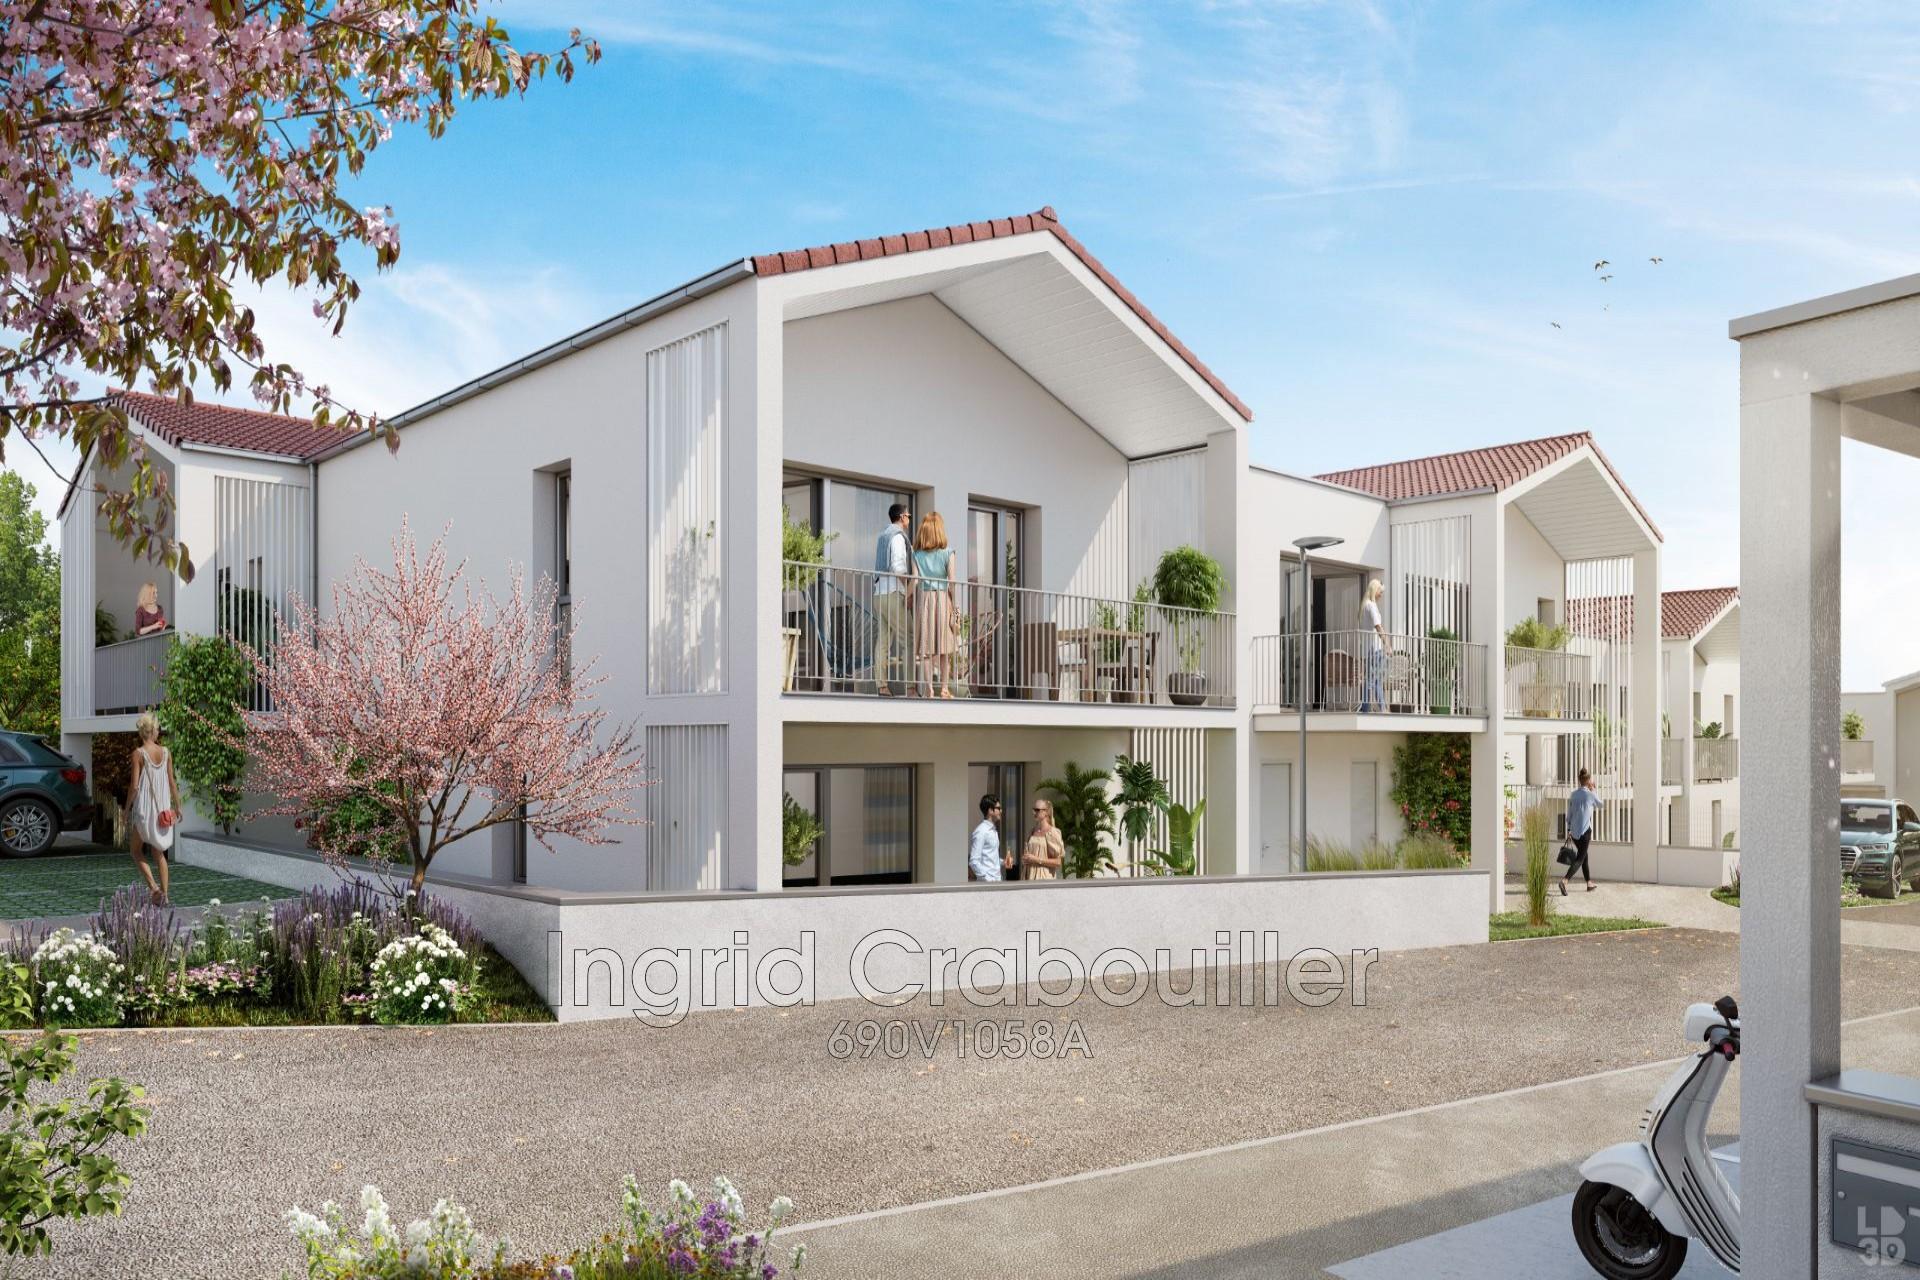 Vente appartement Royan - réf. 690V1058A